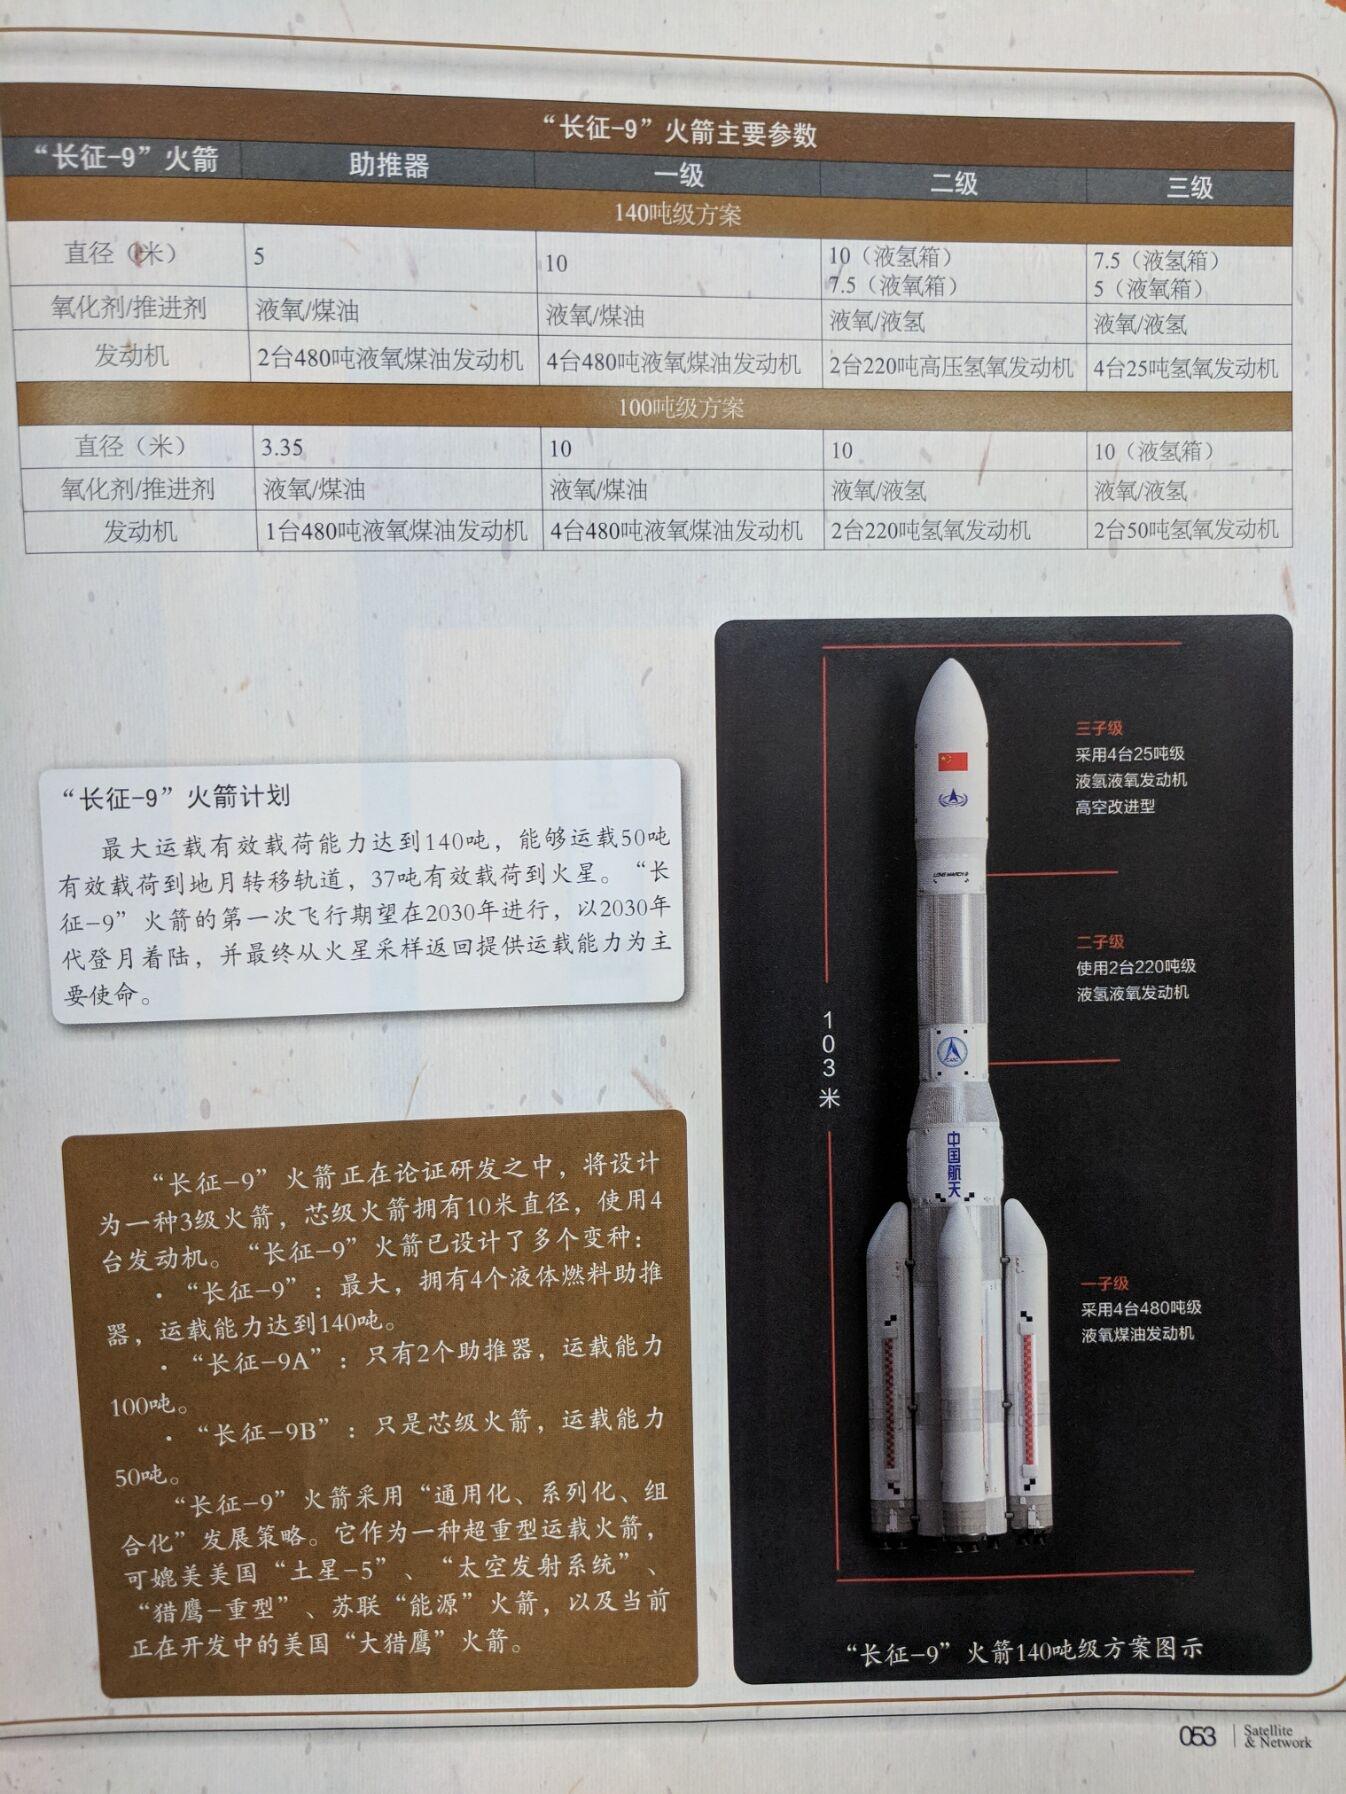 Таблица вариантов/конфигураций ракеты CZ-9